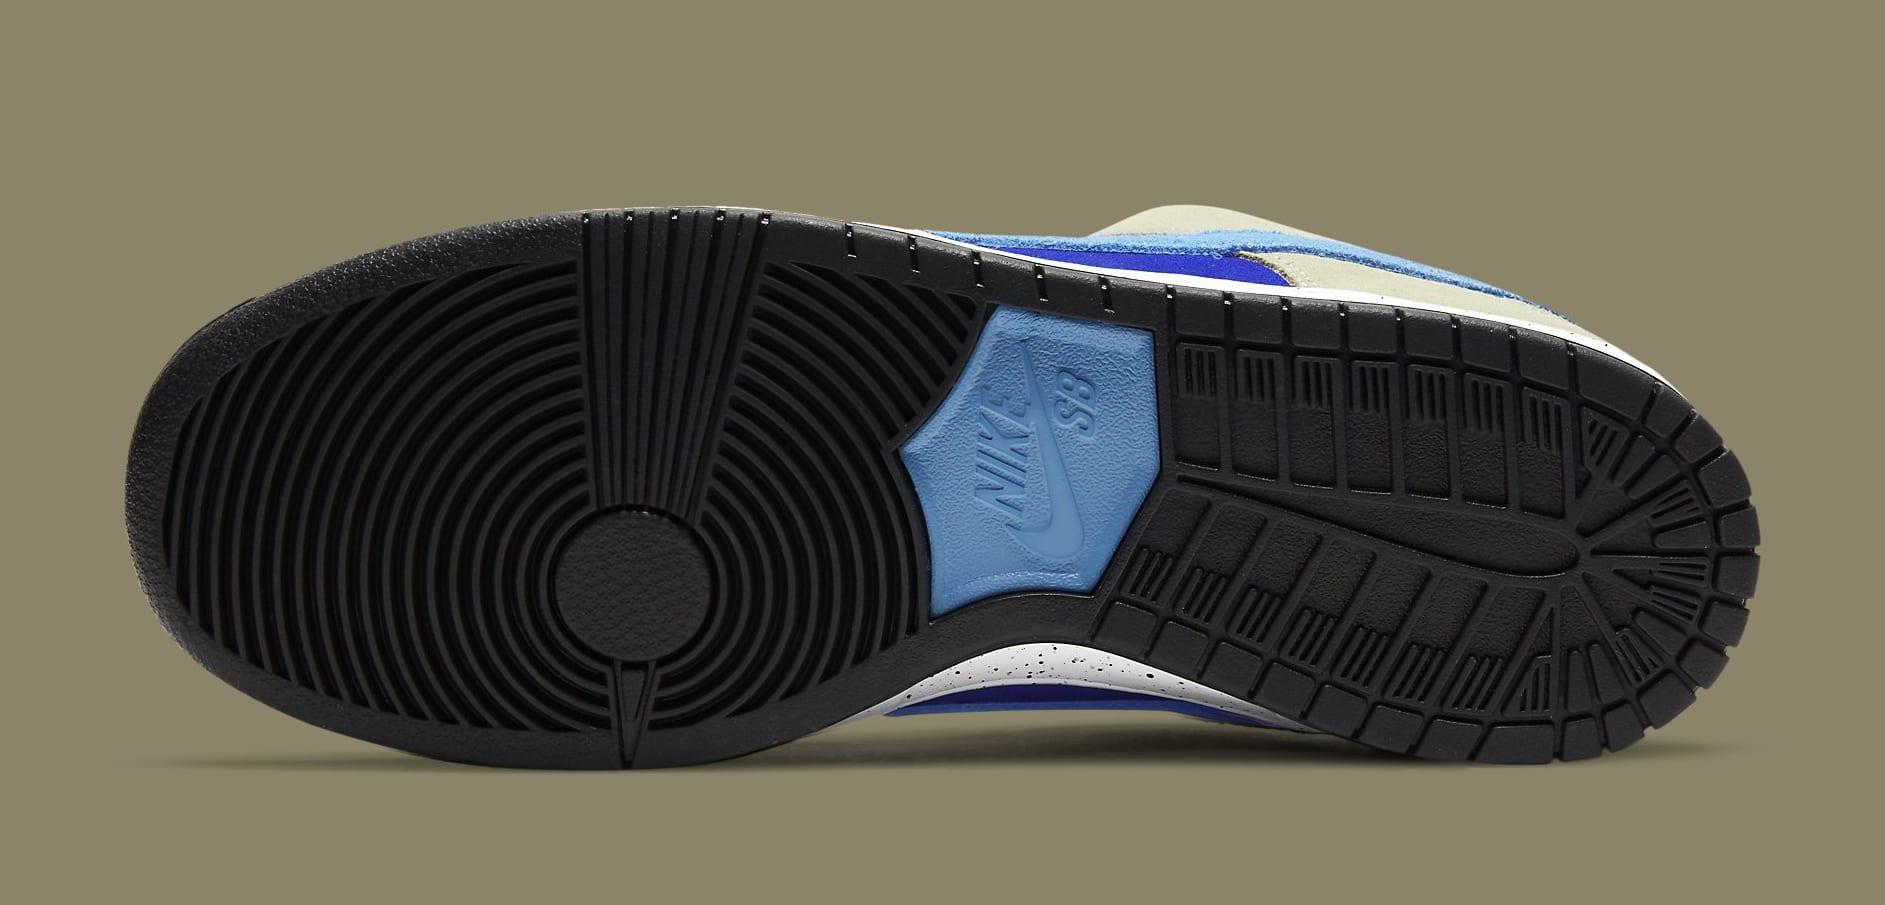 Nike SB Dunk Low 'ACG Caldera' BQ6817-301 Outsole